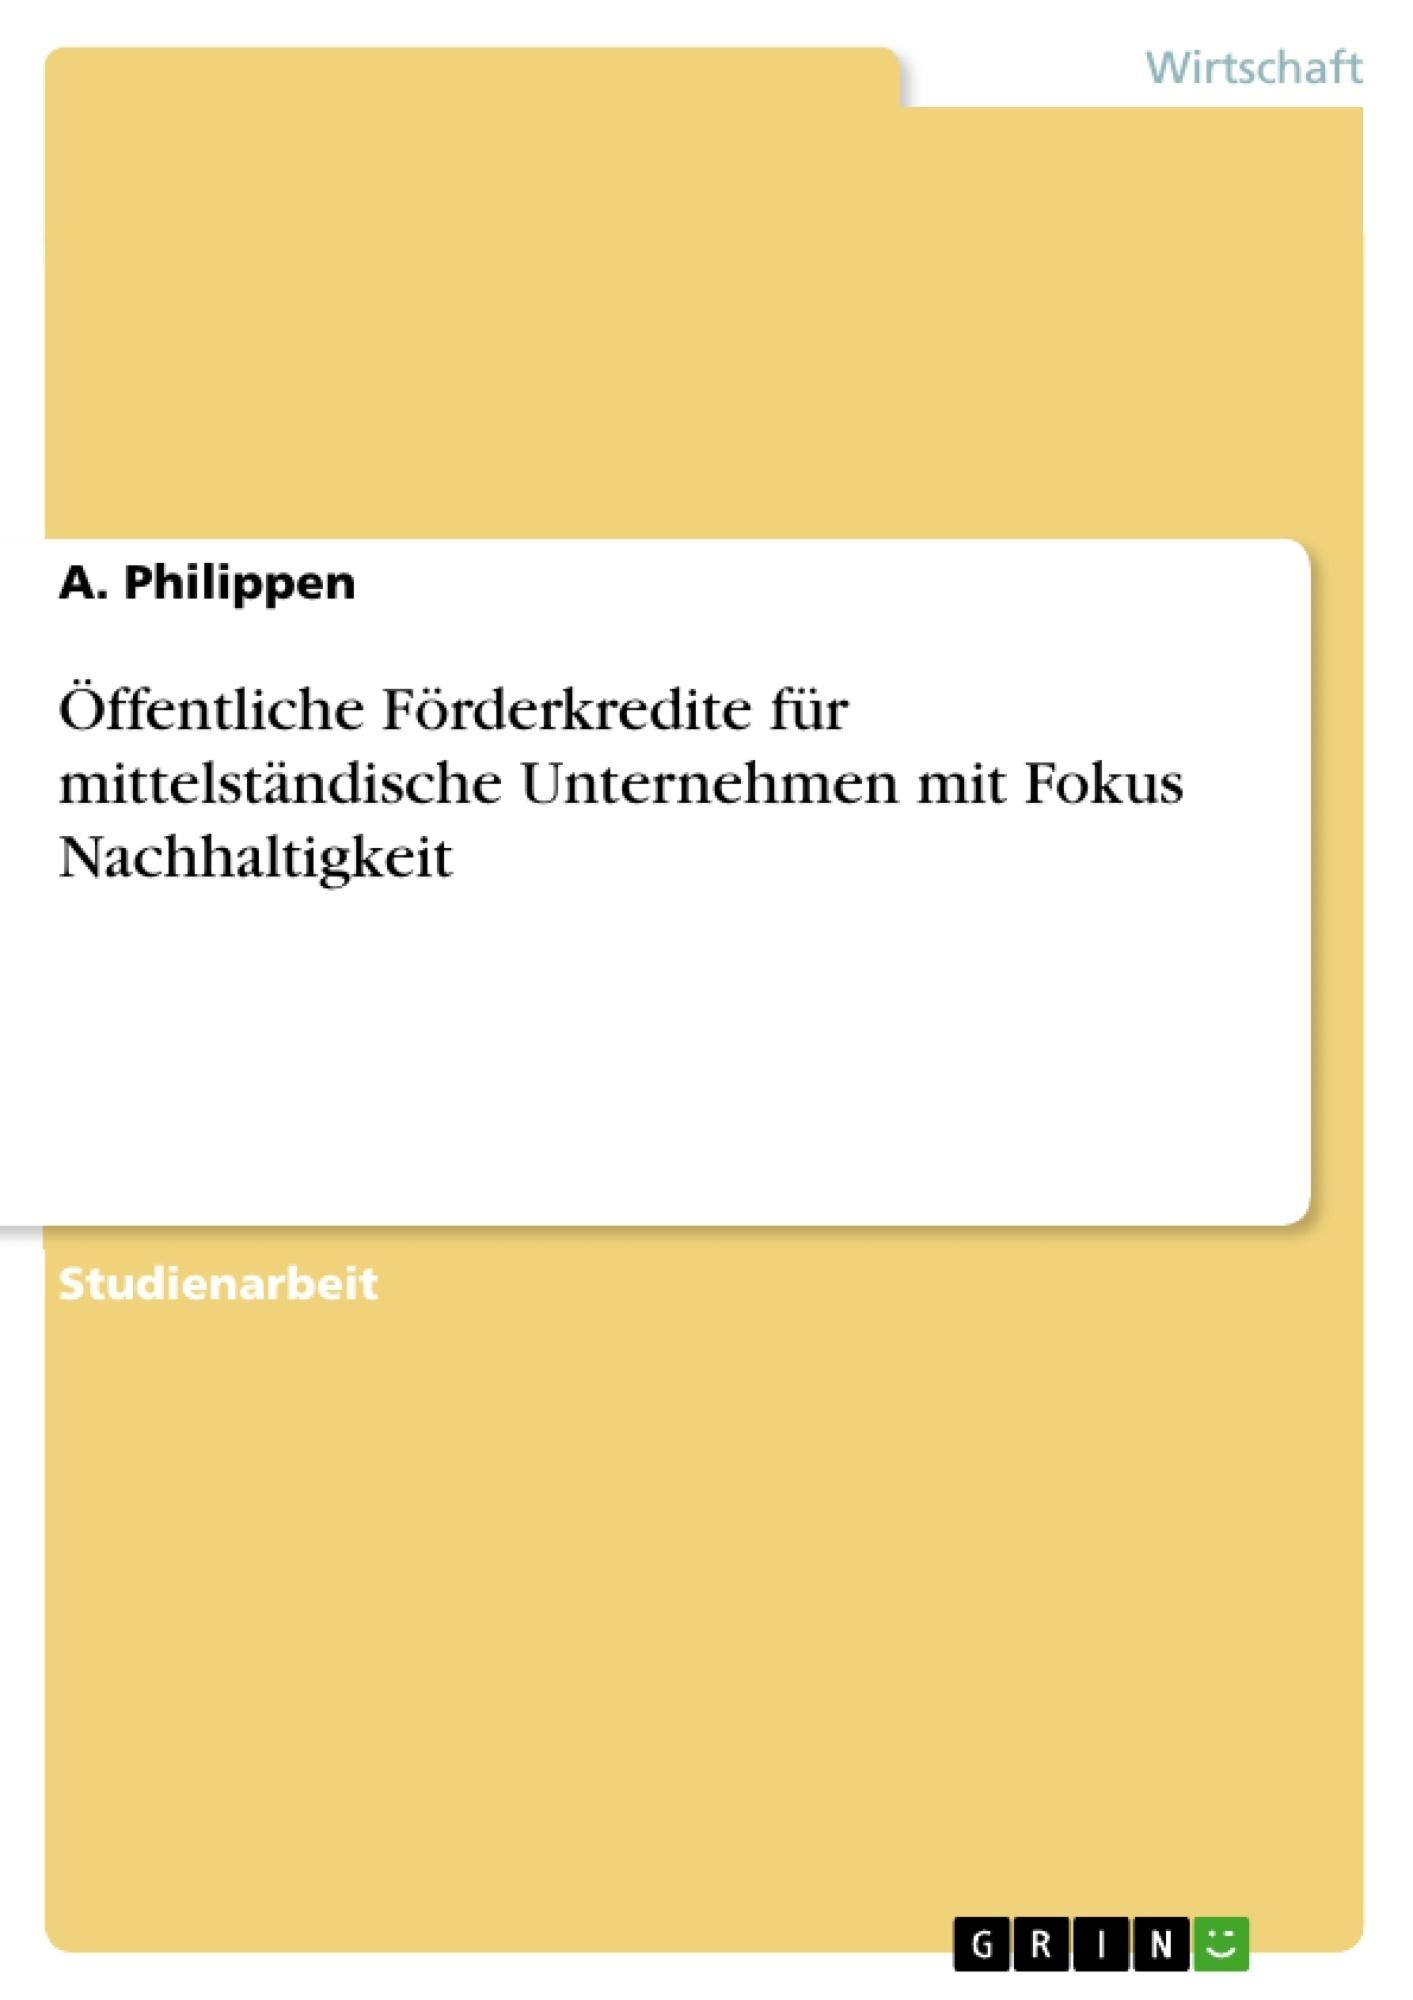 Titel: Öffentliche Förderkredite für mittelständische Unternehmen mit Fokus Nachhaltigkeit